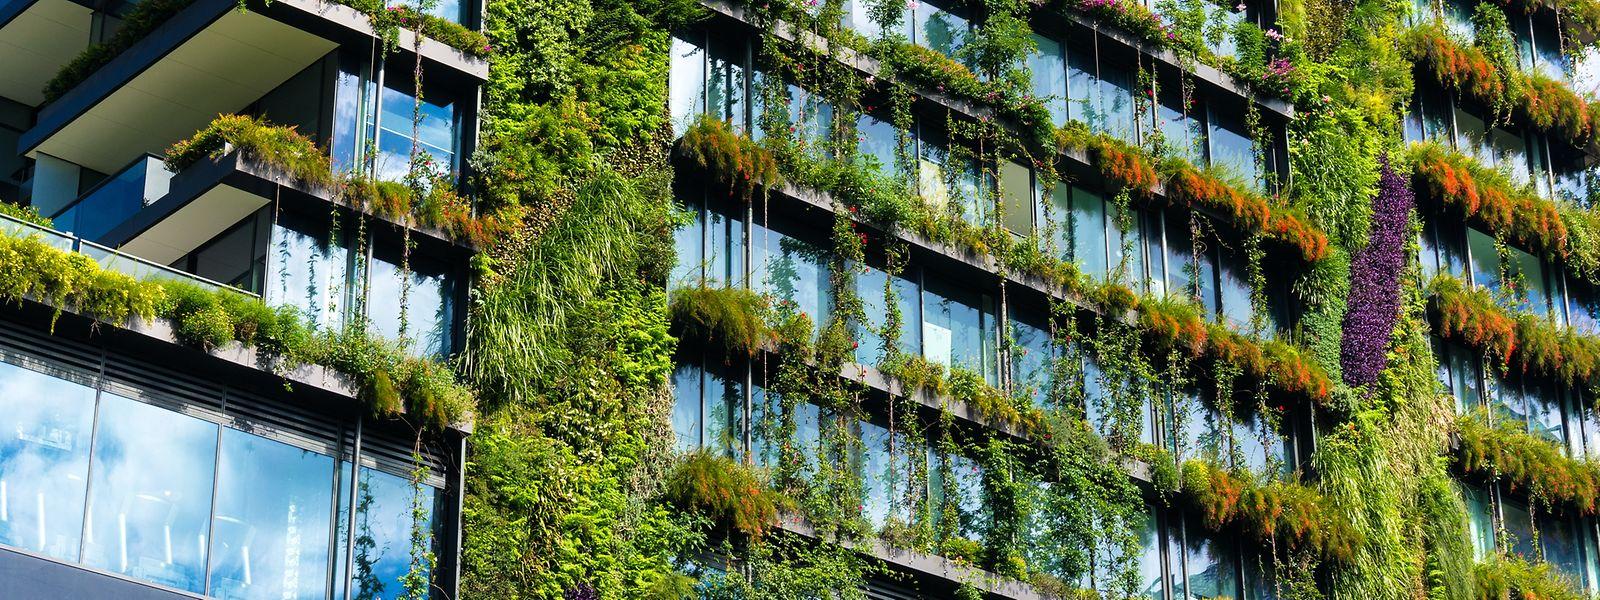 Eine vorbildliche Integration von Pflanzen in ein Gebäude zeigt dieses Hochhaus in Sydney.